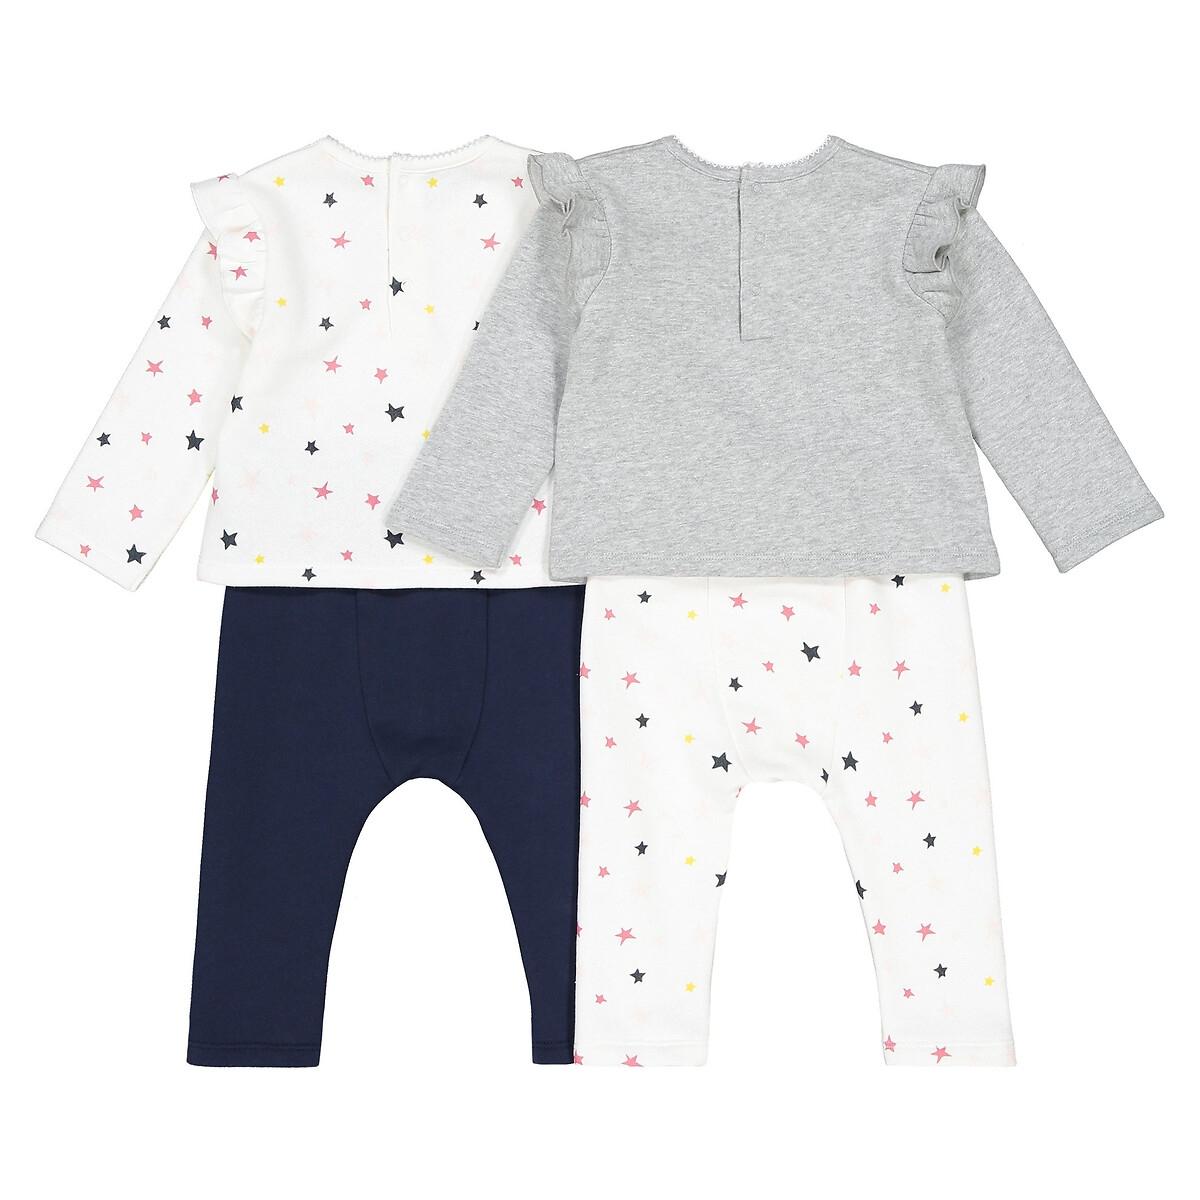 Фото 2 - Комплект из 2 раздельных пижам LaRedoute серого цвета